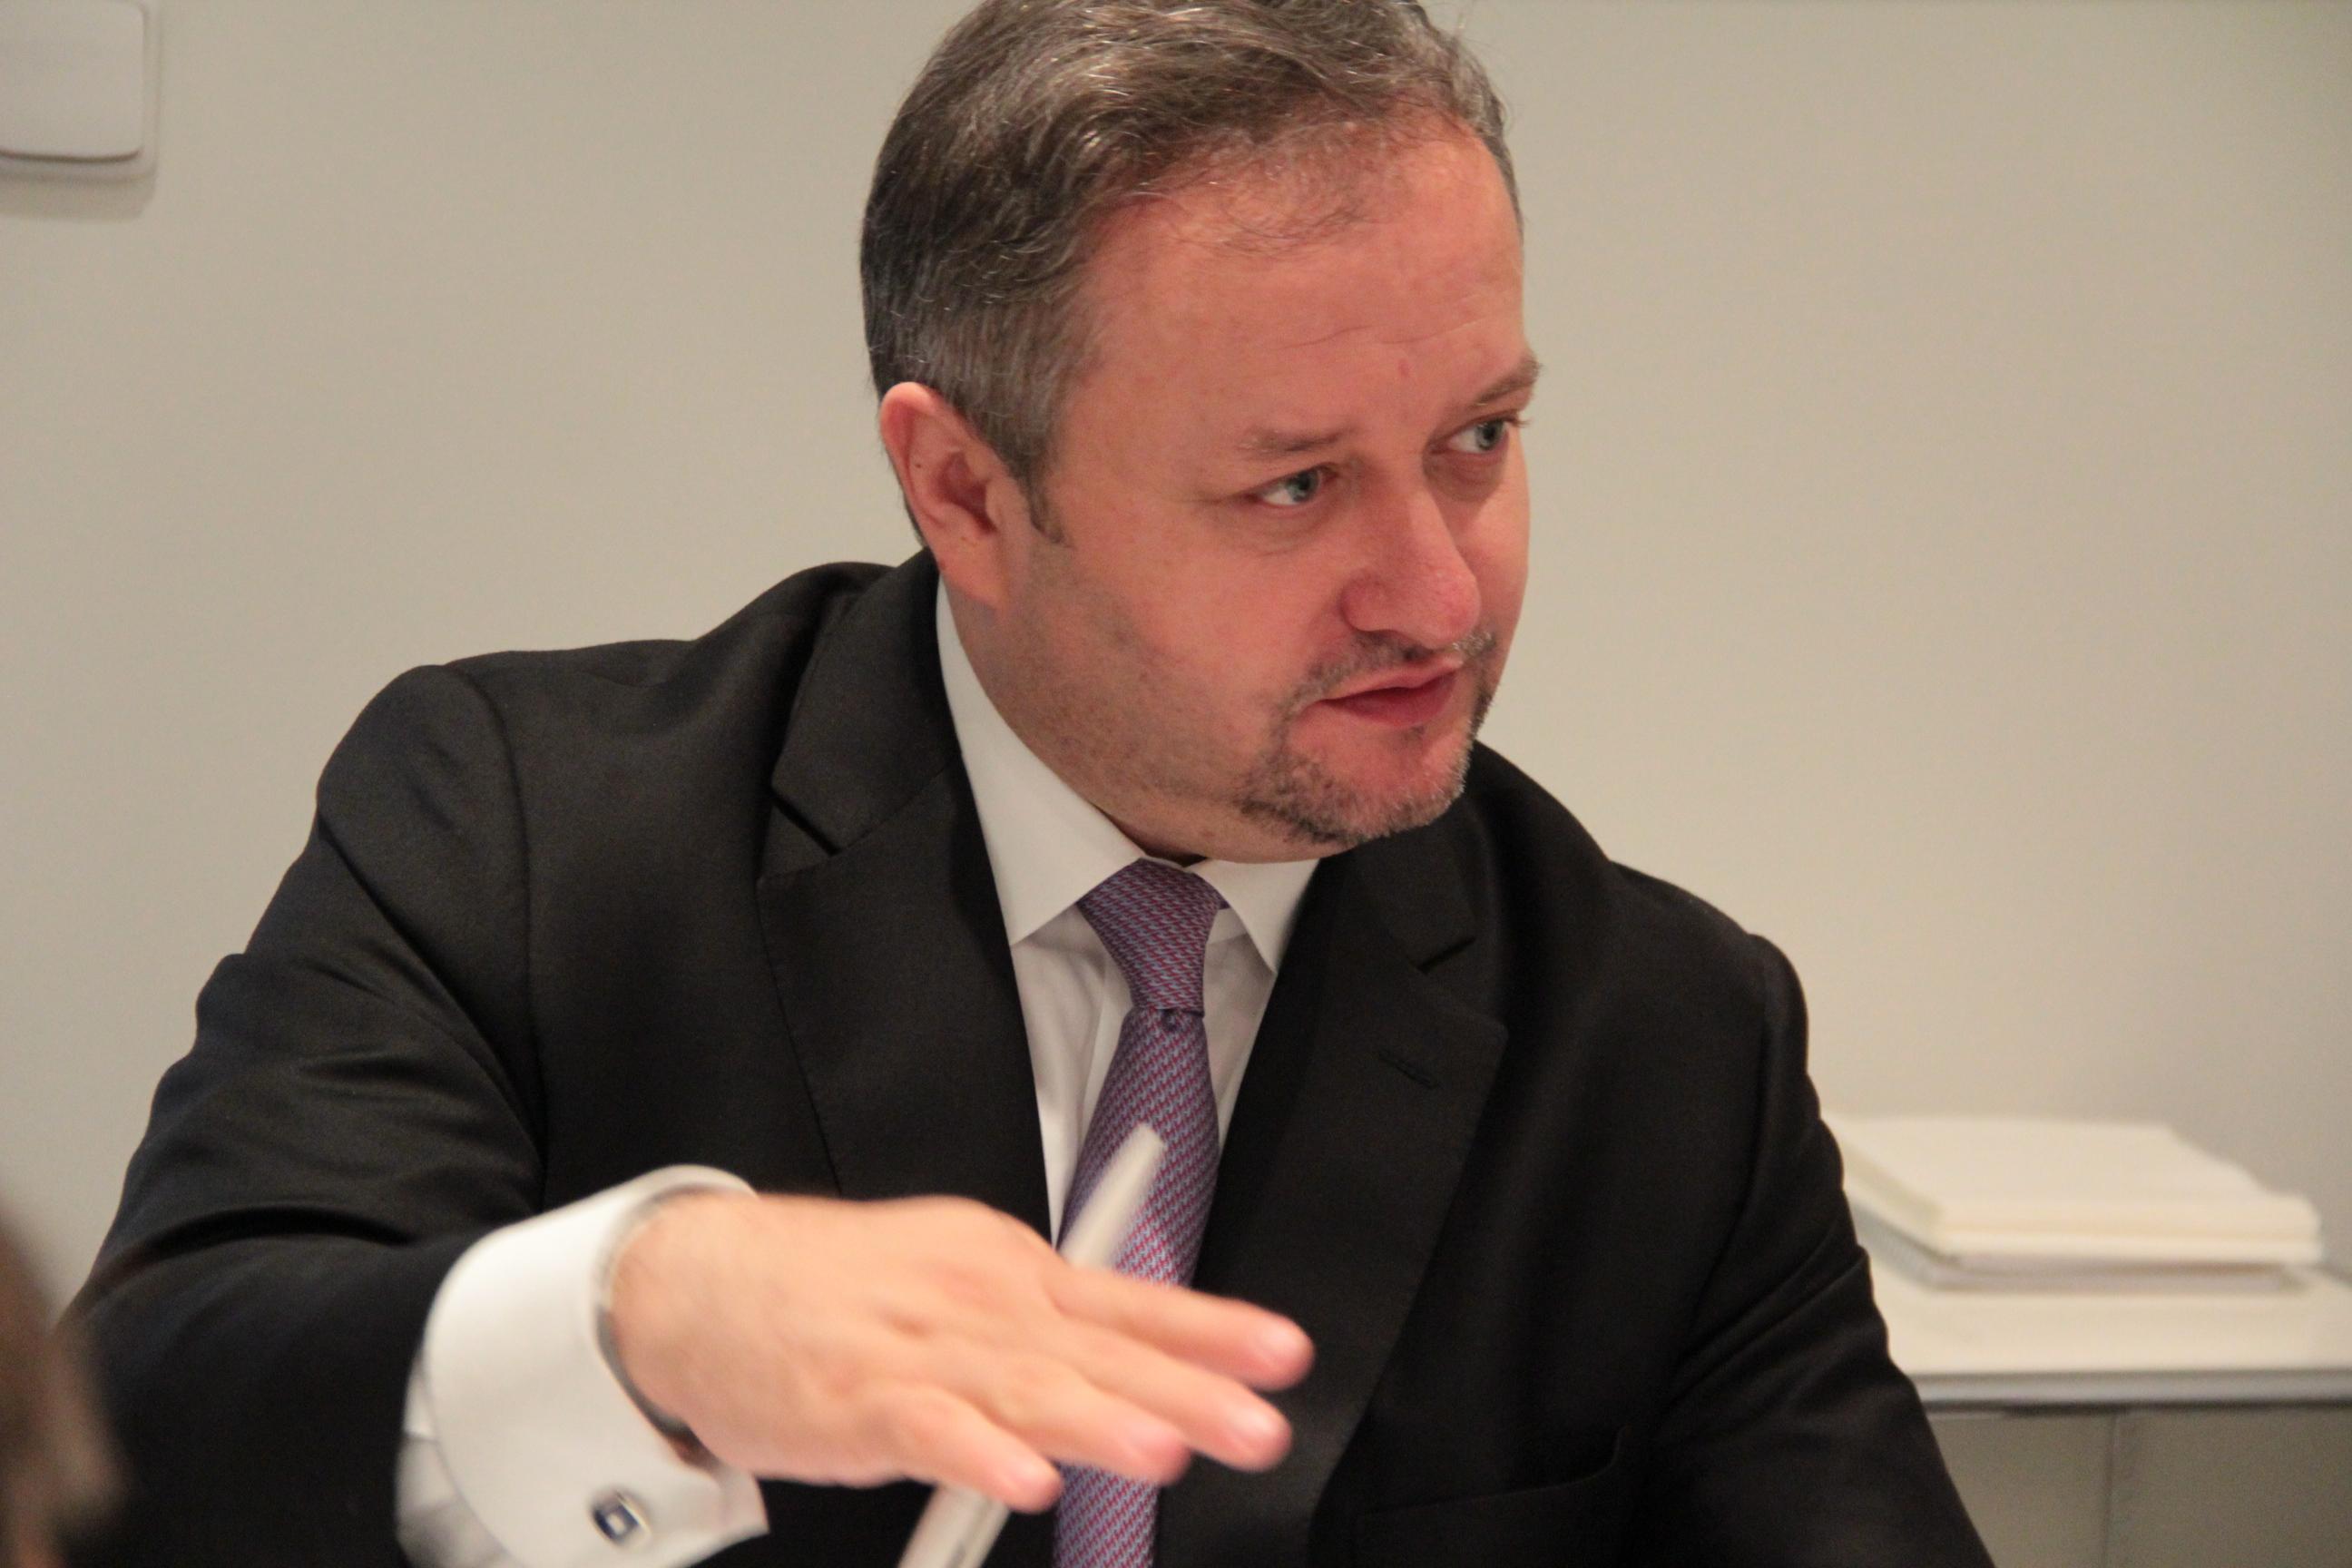 Любомир Найман, глава Skoda Rus: «Авторынок падает уже два года. Так бывает»